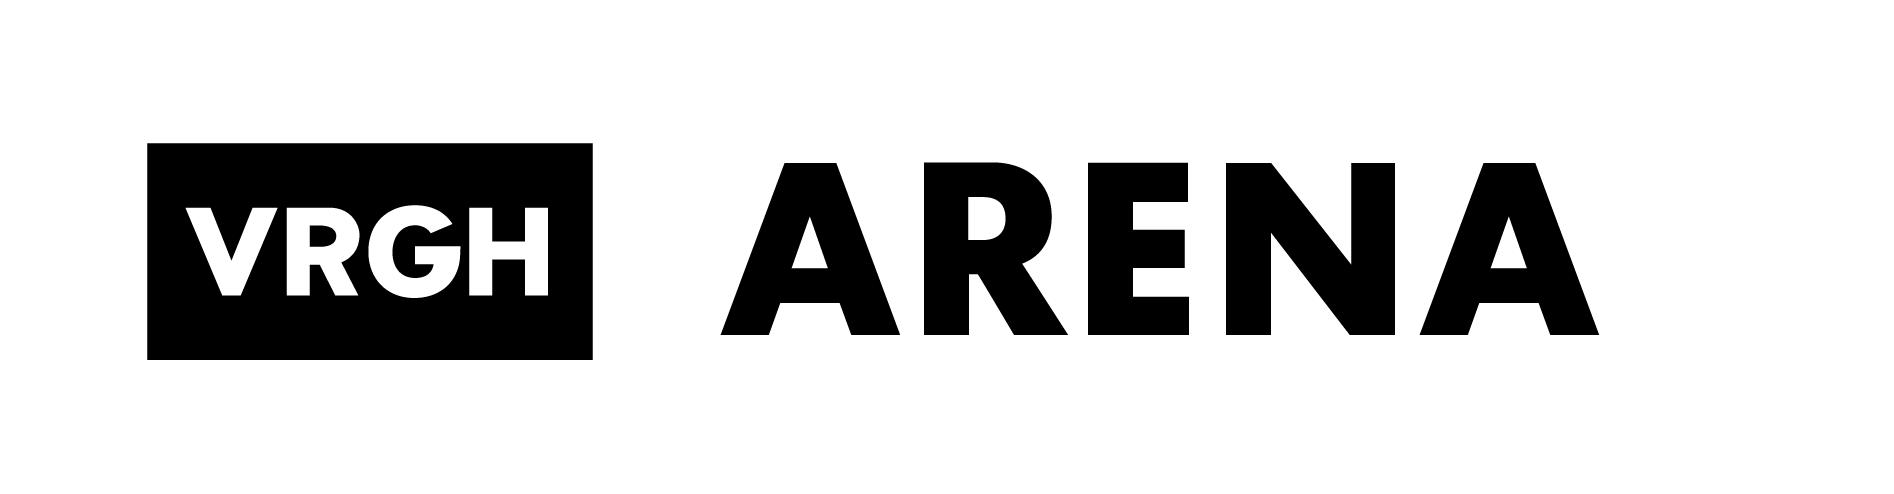 VRGH-ARENA